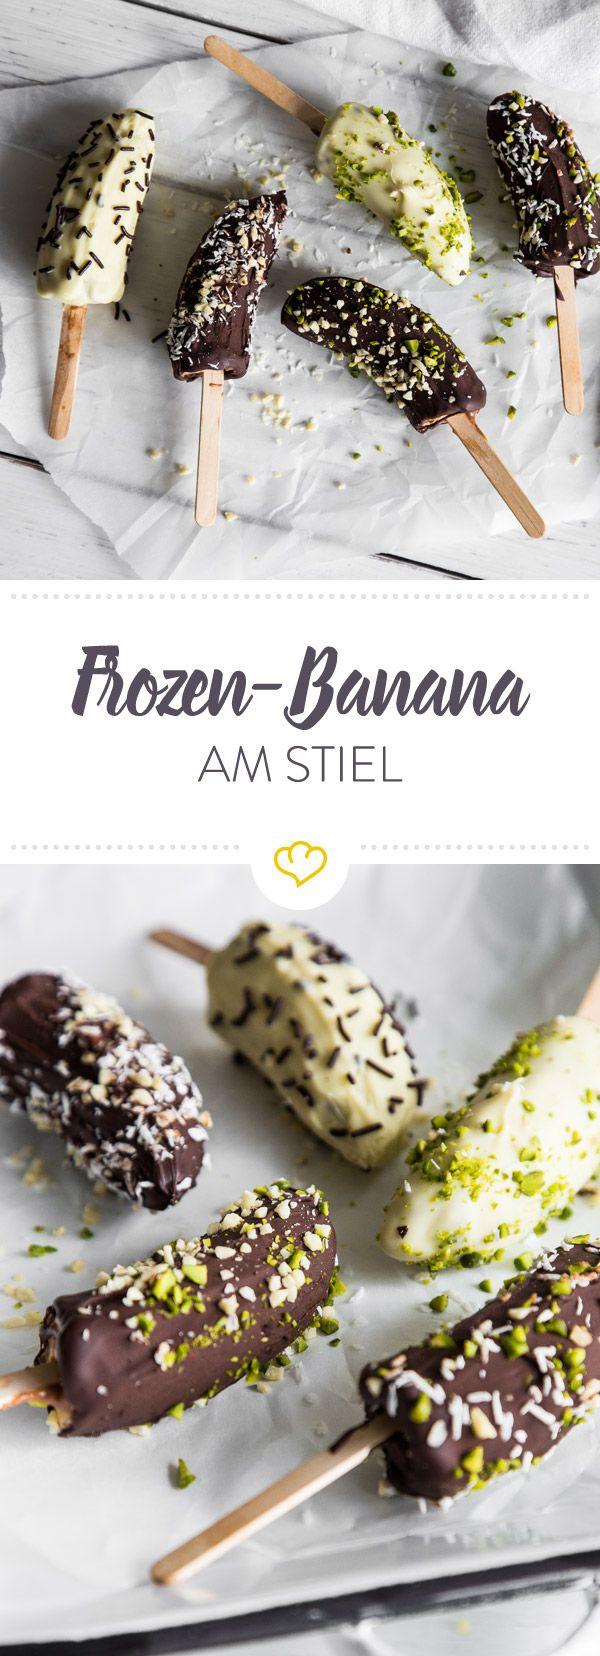 Schoko-Bananen 2.0: Mit Mandelmus und Schokolade umhüllt und mit Toppings garniert, sind diese eisgekühlten Früchtchen am Stiel der ultimative Sommer-Snack.